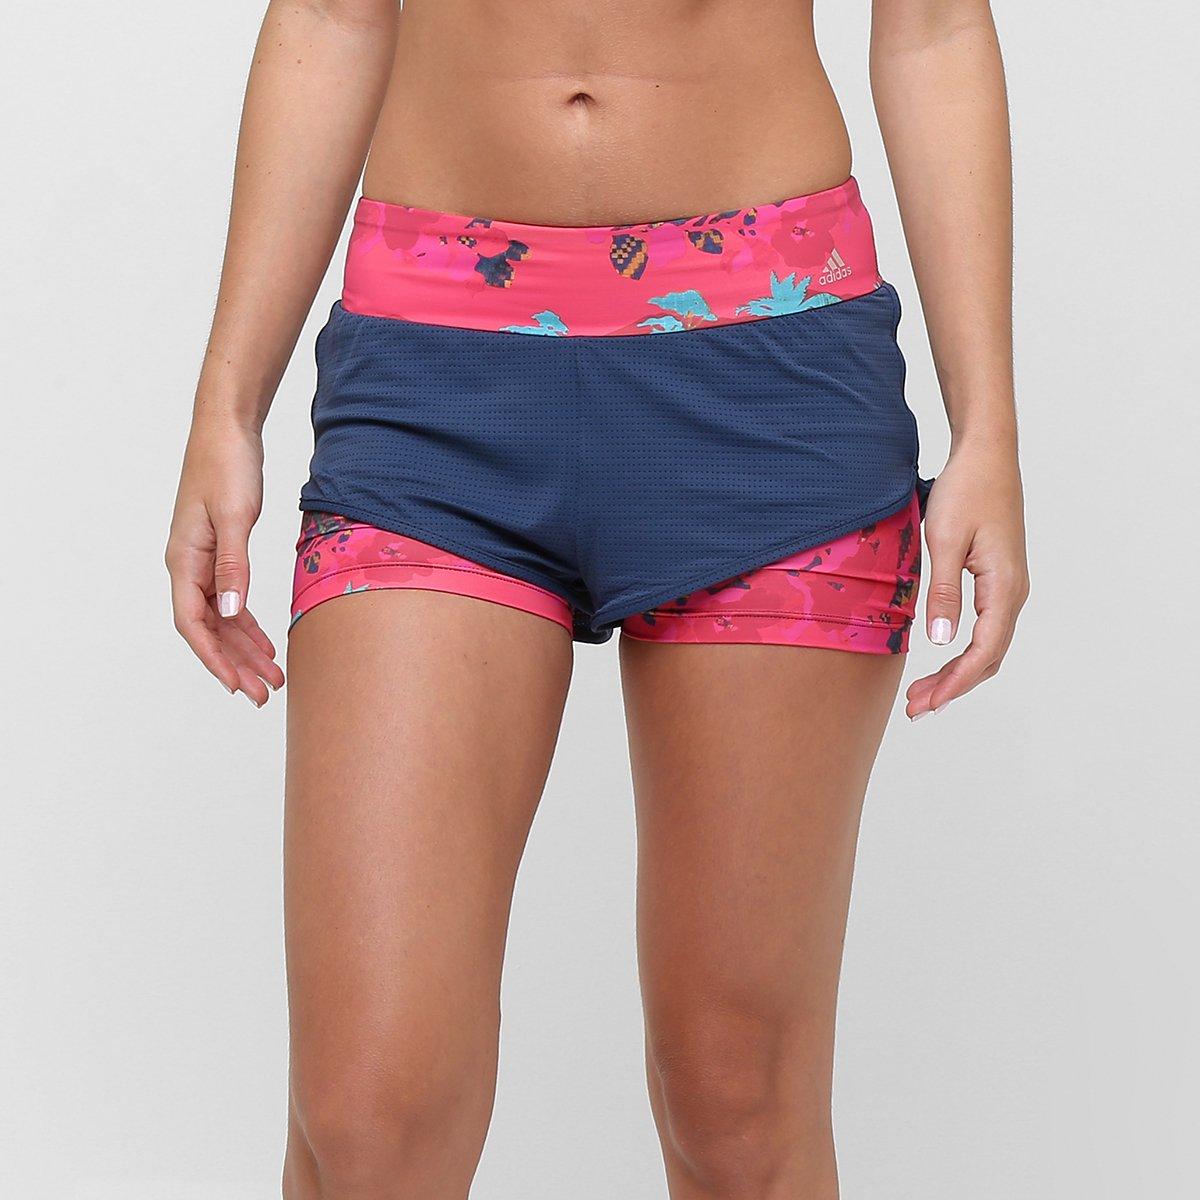 eed8d9168 Short Adidas Adidas Duplo Salinas Feminino - Marinho e Pink | Allianz  Parque Shop